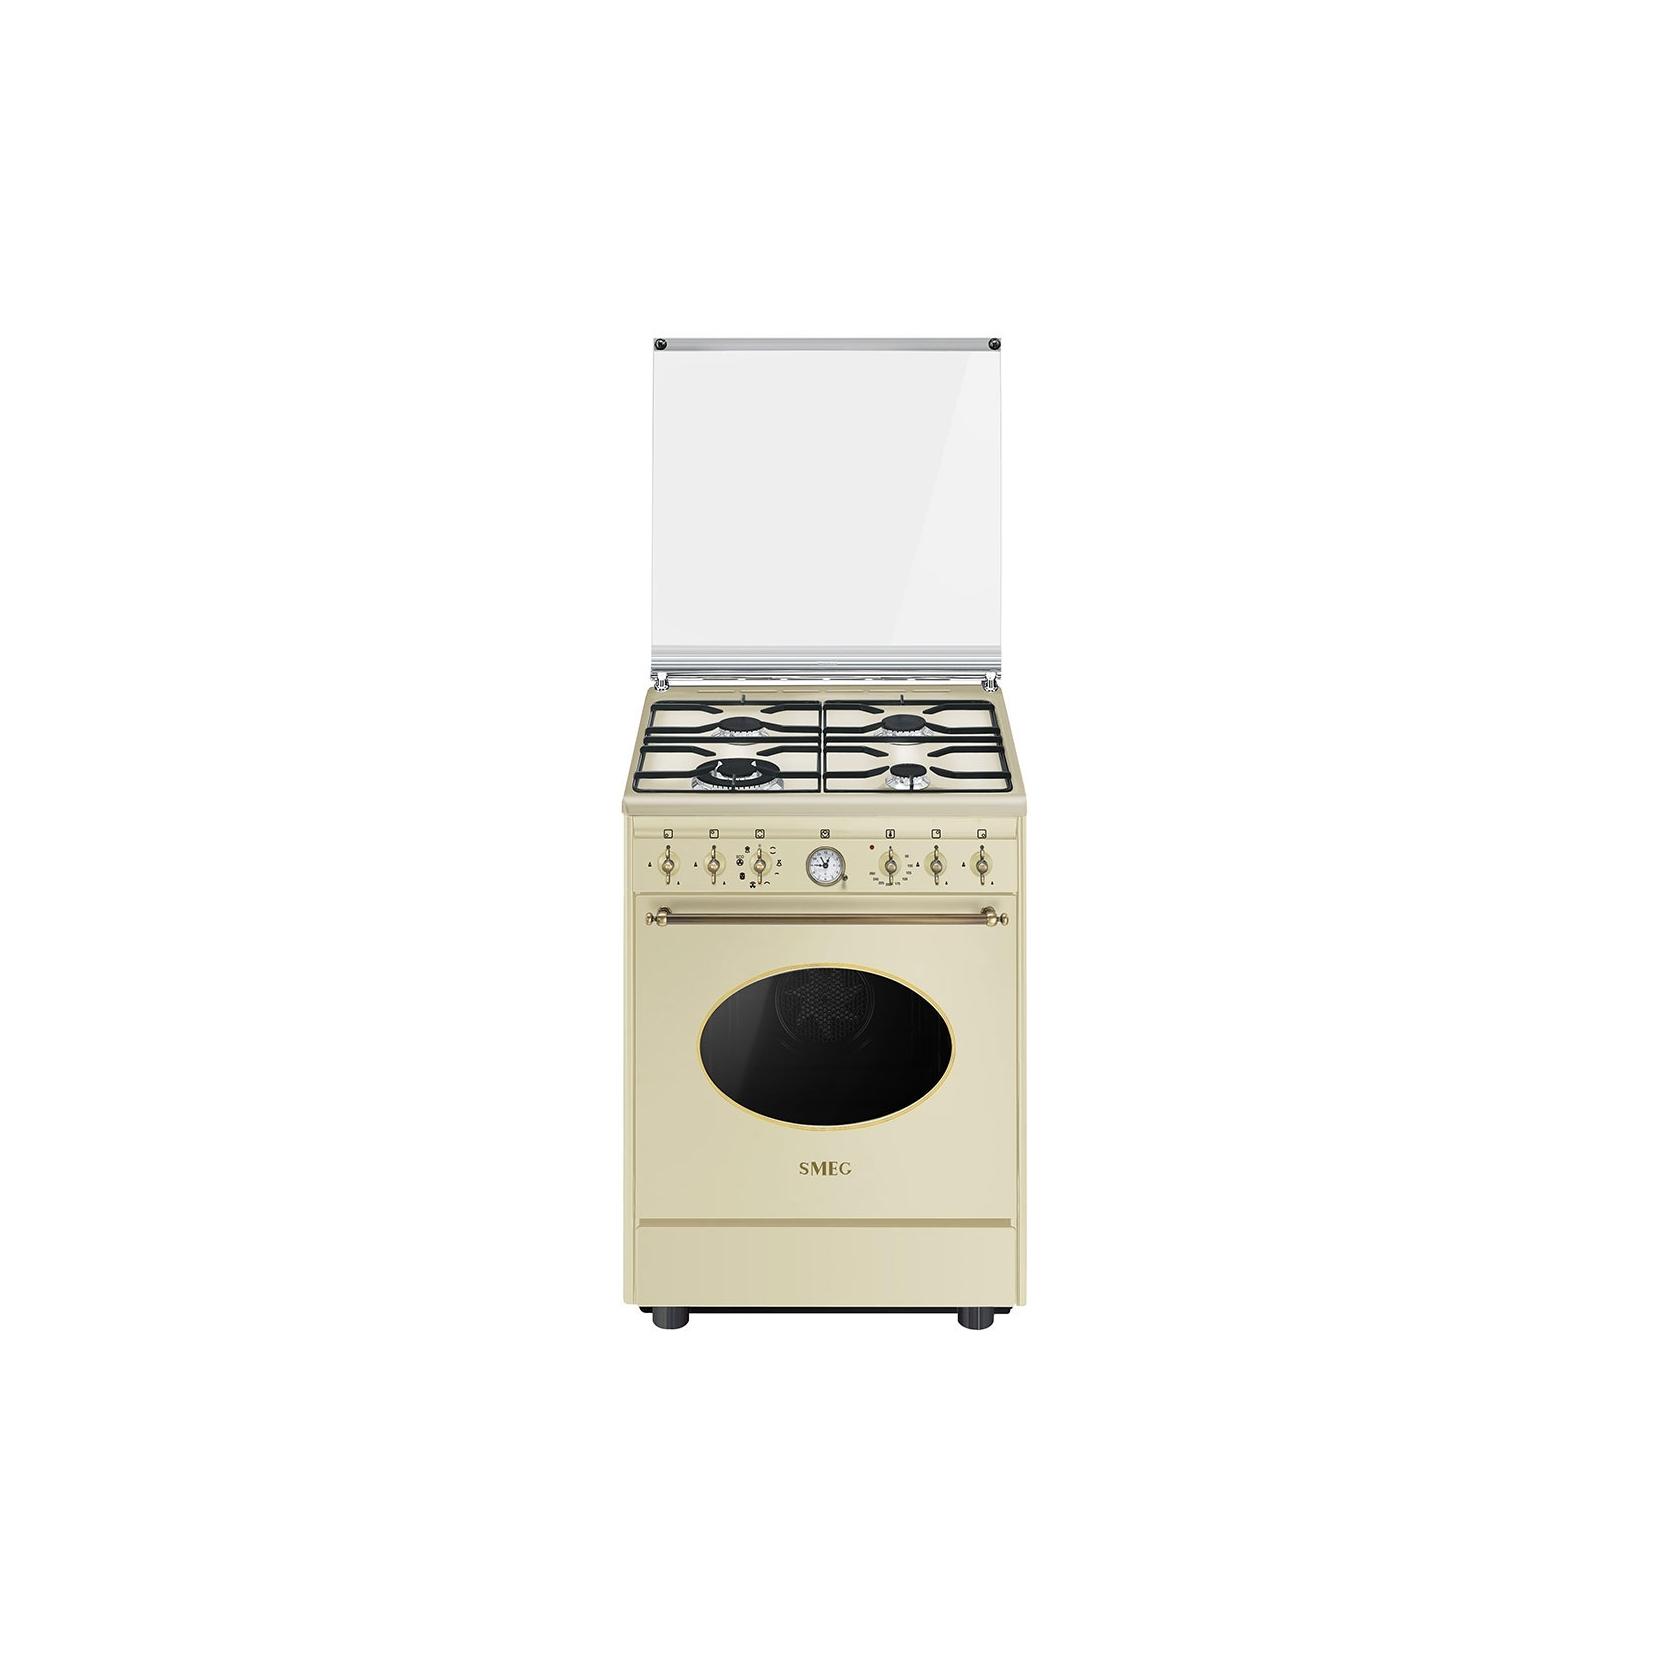 smeg cucina co68gmp9 4 fuochi forno elettrico